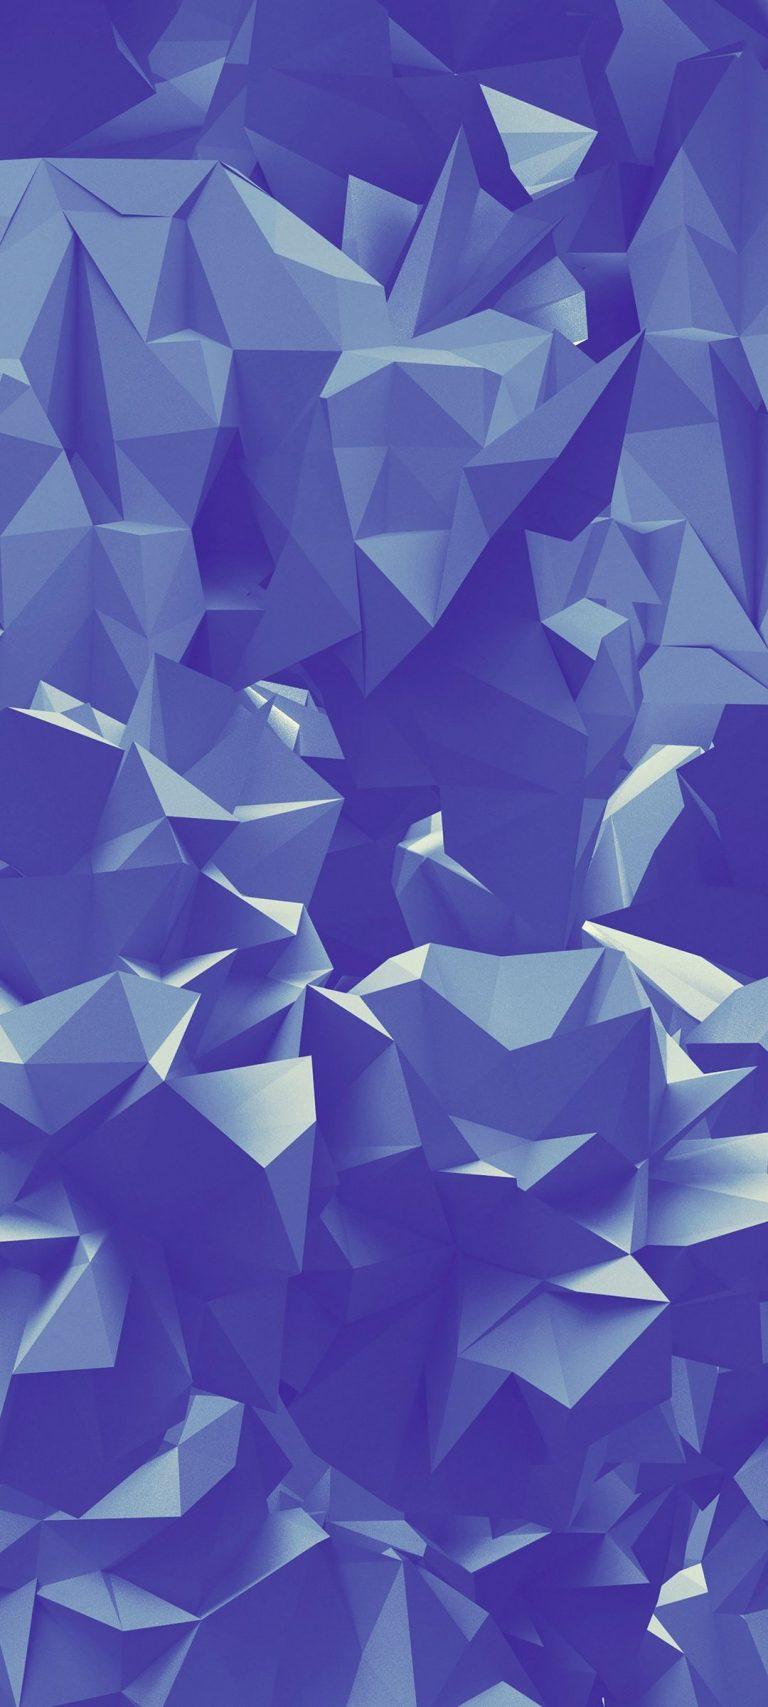 Paper Folds Triangles Geometric 1080x2400 768x1707